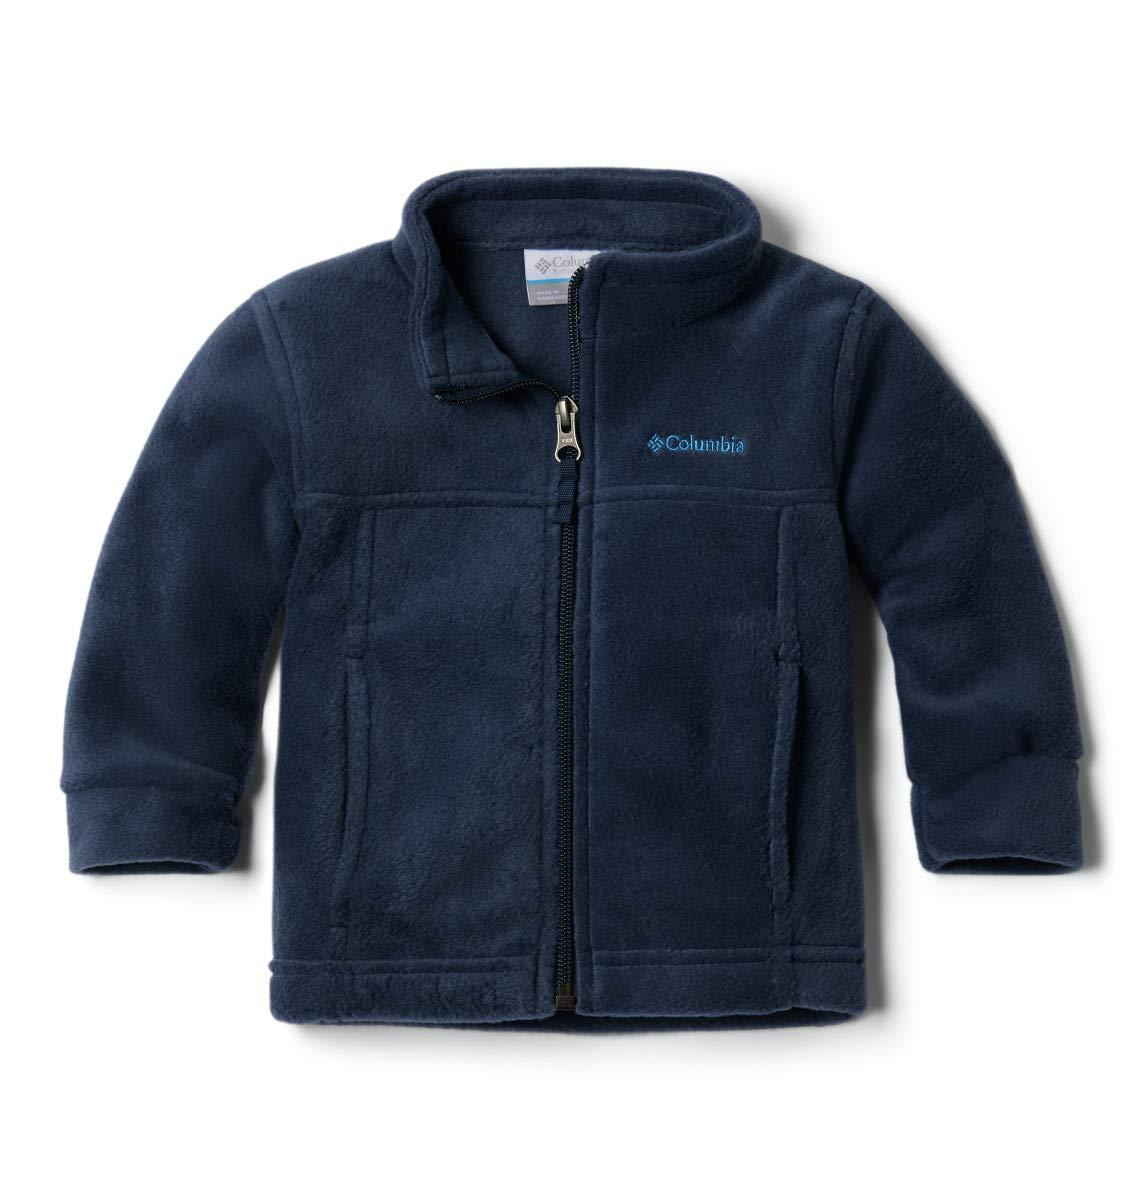 Columbia Boys' Toddler Steens Mt II Fleece Jacket, Collegiate Navy, 3T by Columbia